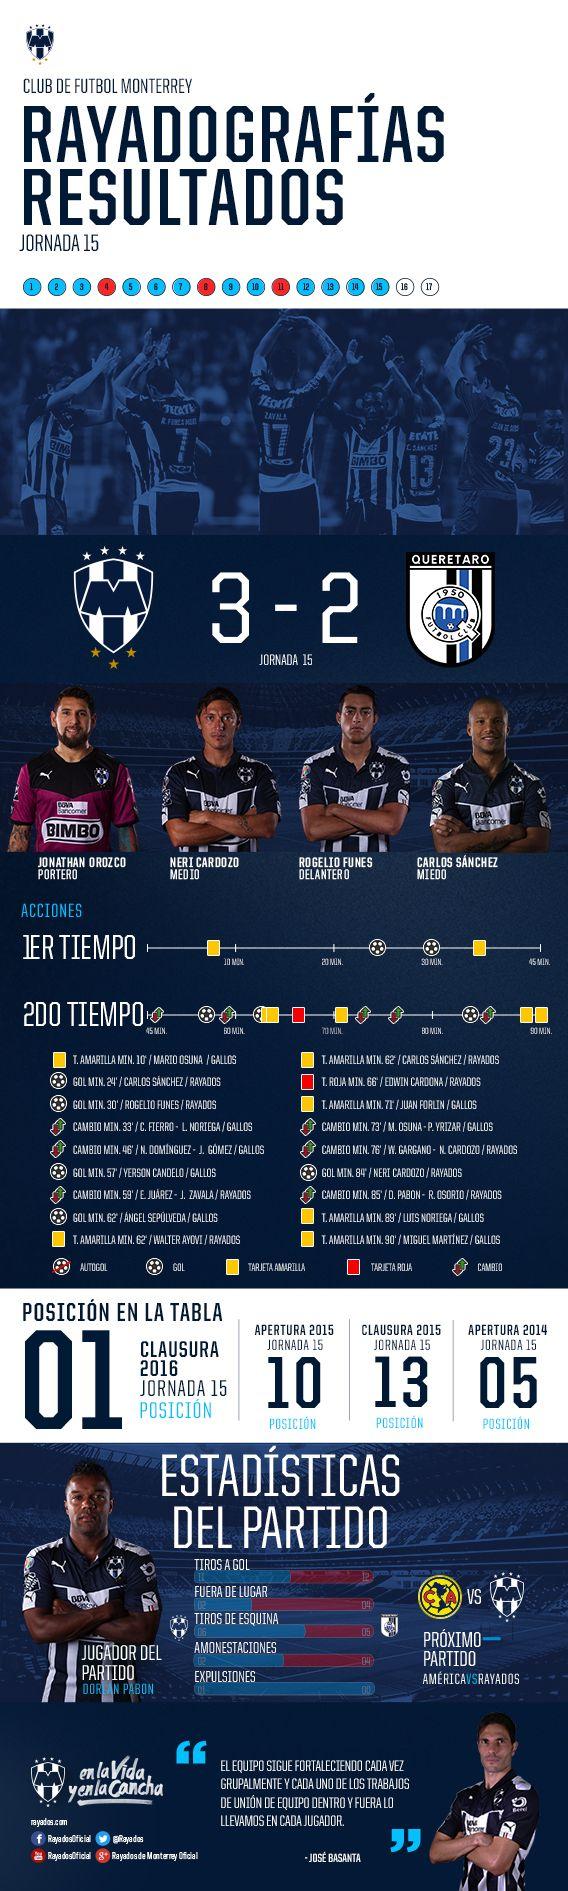 Rayadografía - Rayados vs. Querétaro (Post)